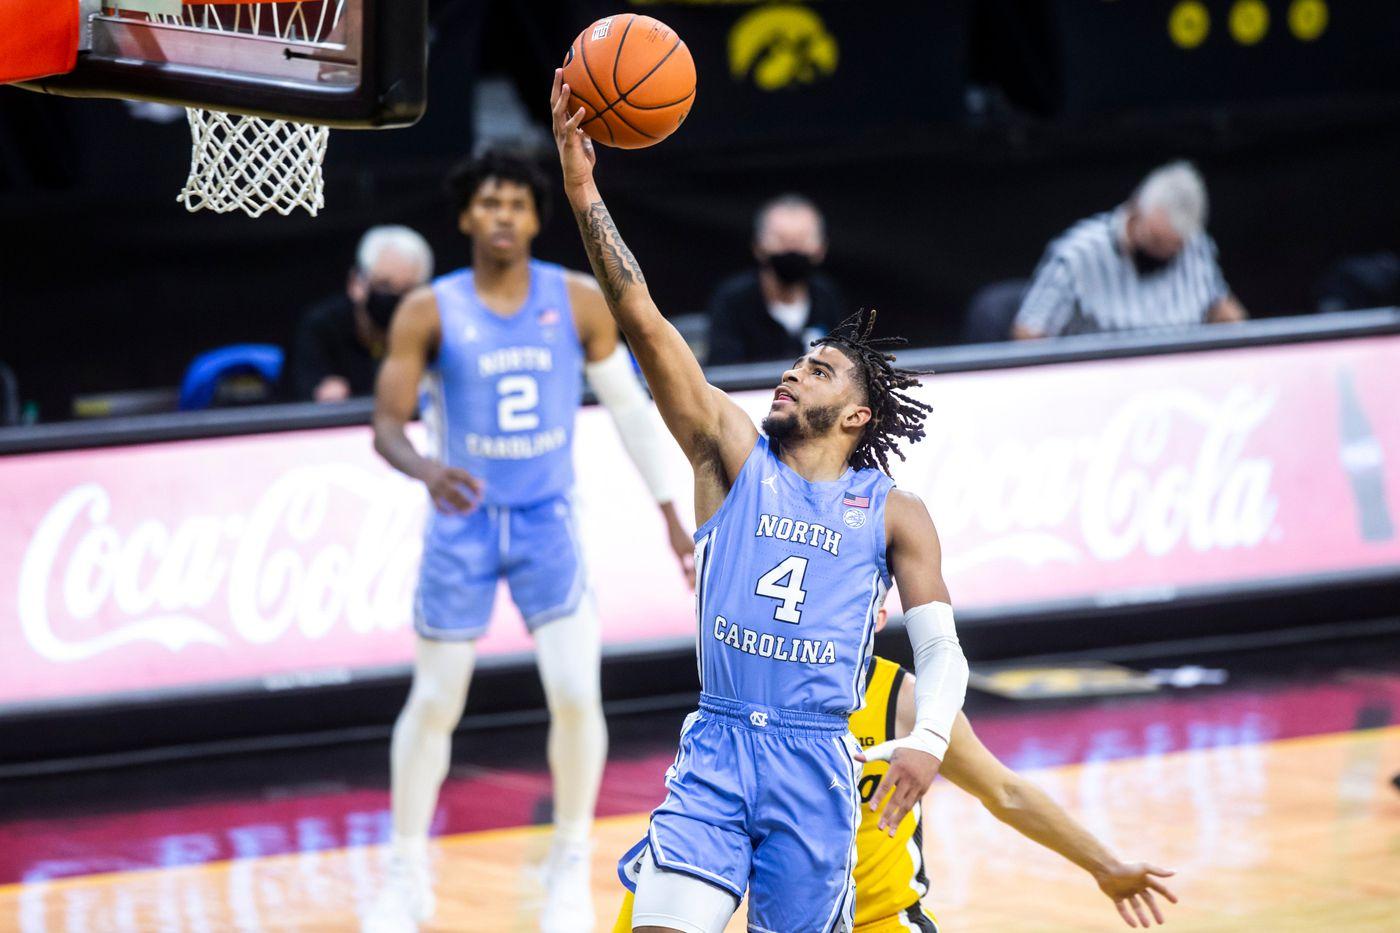 UNC Basketball Summer Preview: RJ Davis